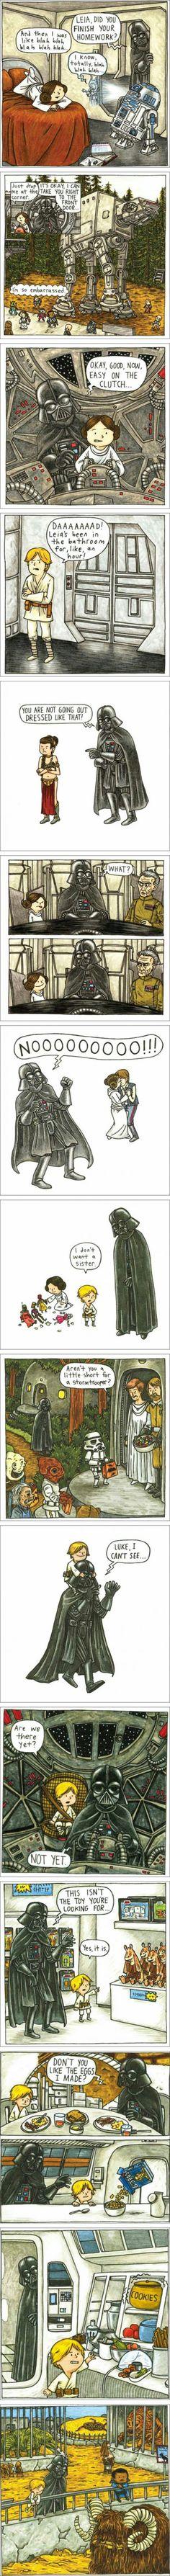 Vader dad 2.0